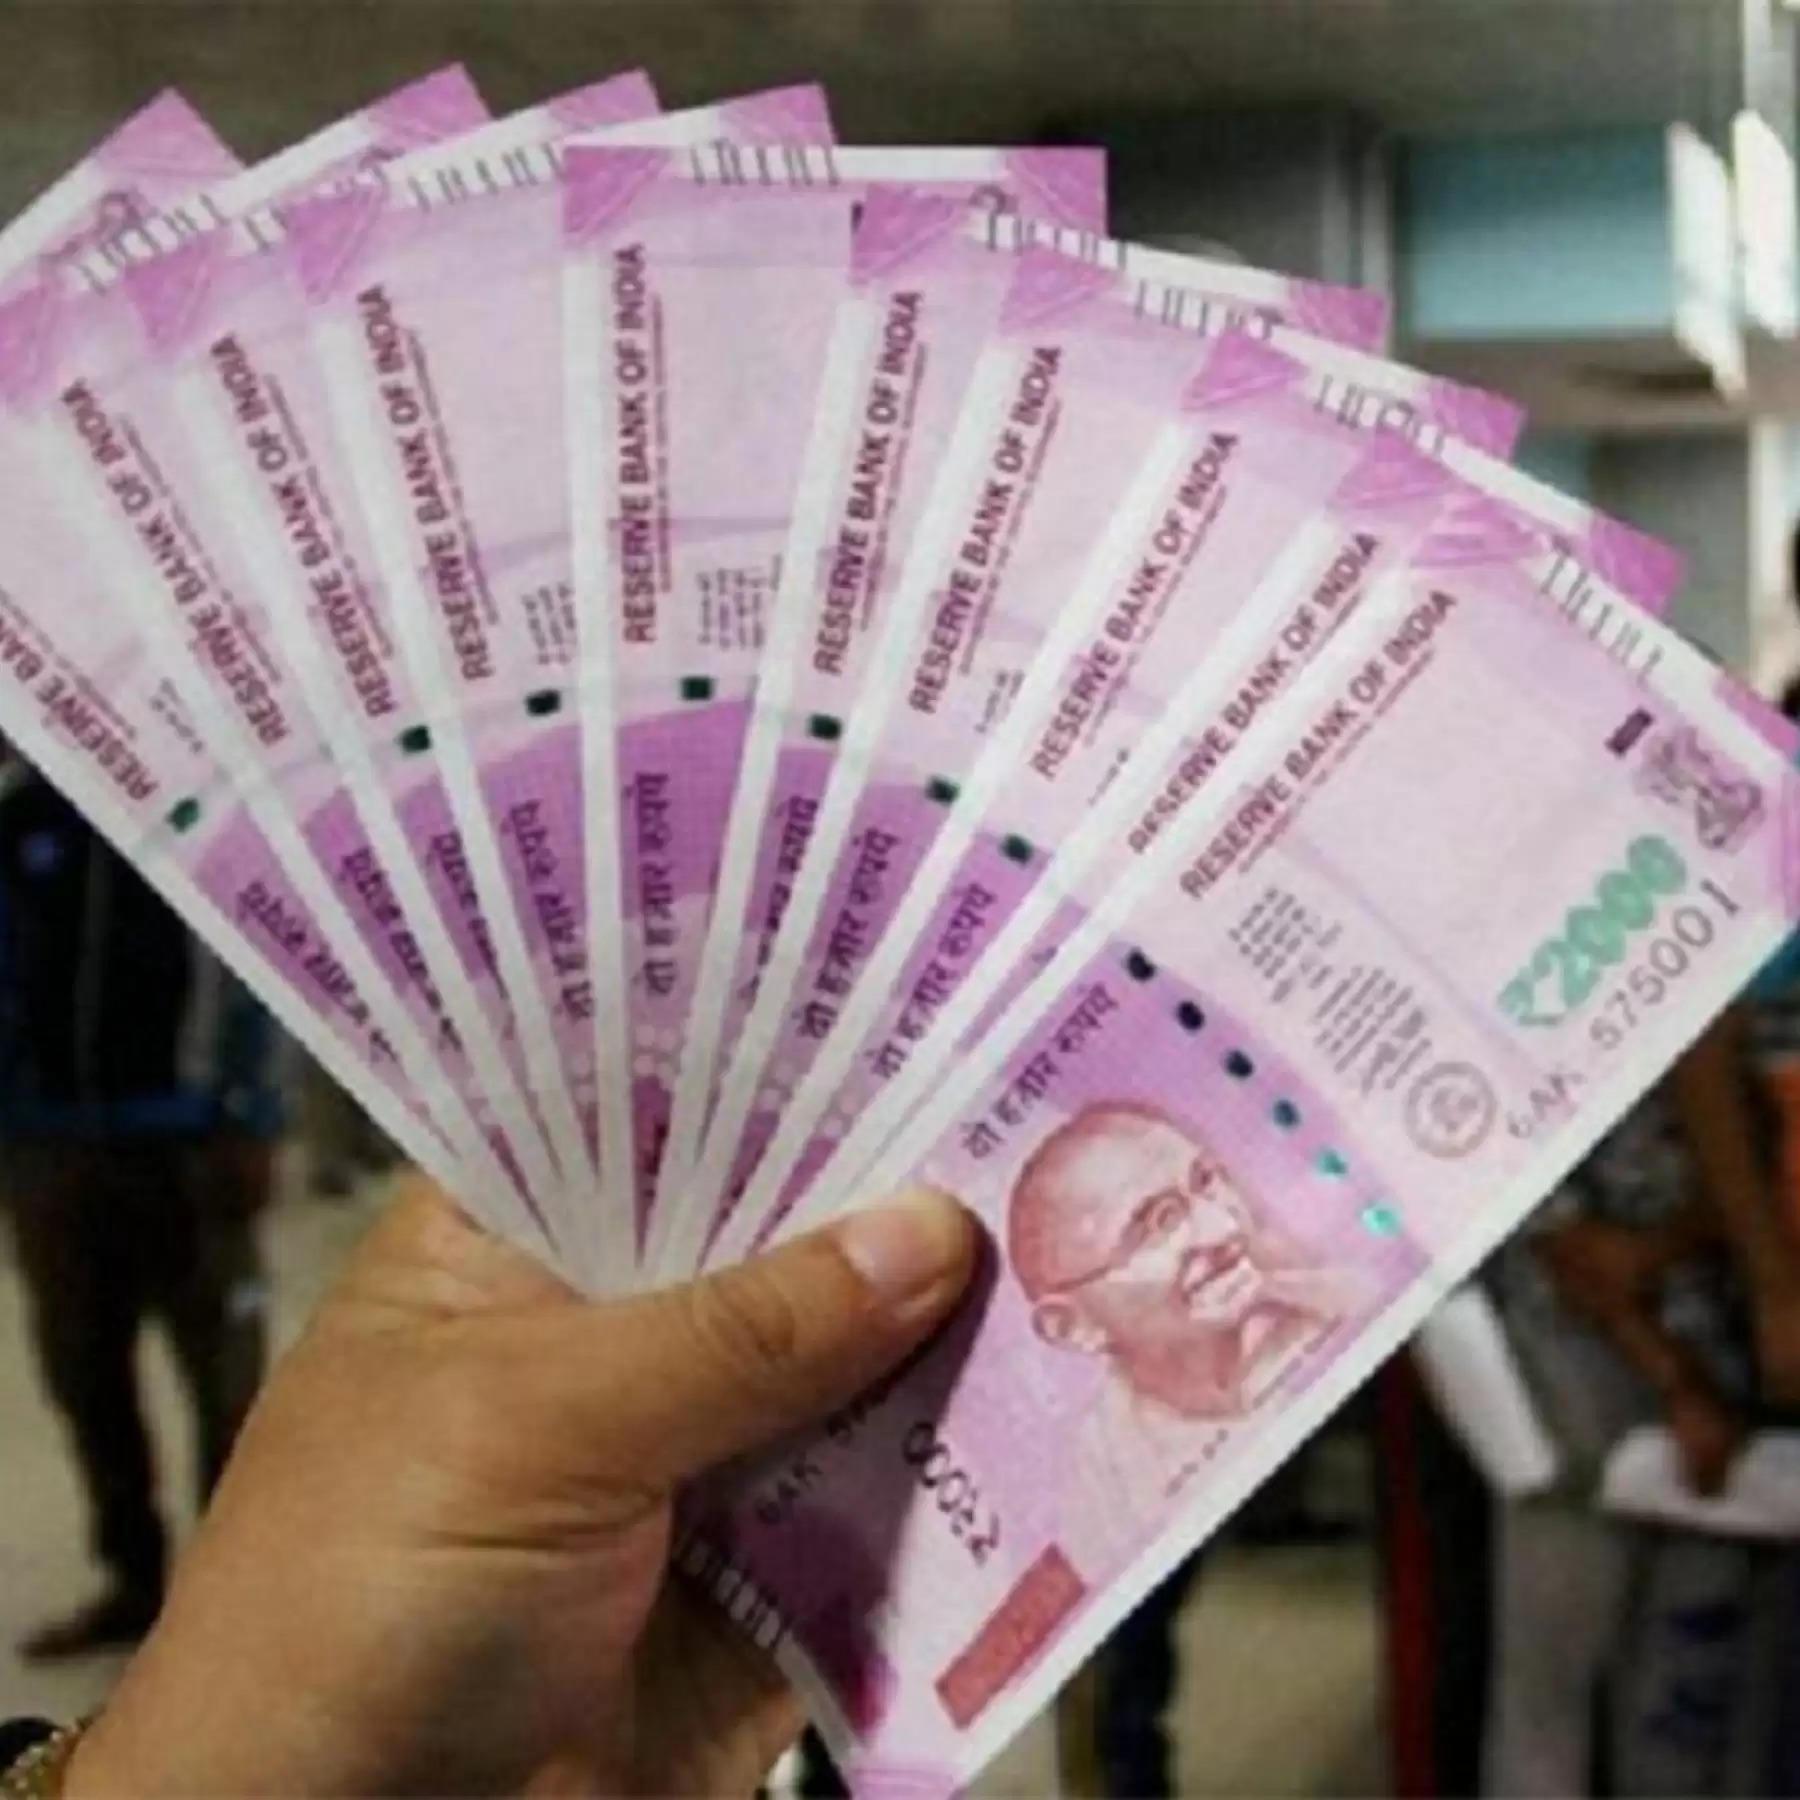 आपकोअचानक पैसों की जरूरत है? 1 घंटे में निकाल सकेंगे 1 लाख रुपये,जानें कैसे निकाले पैसे?